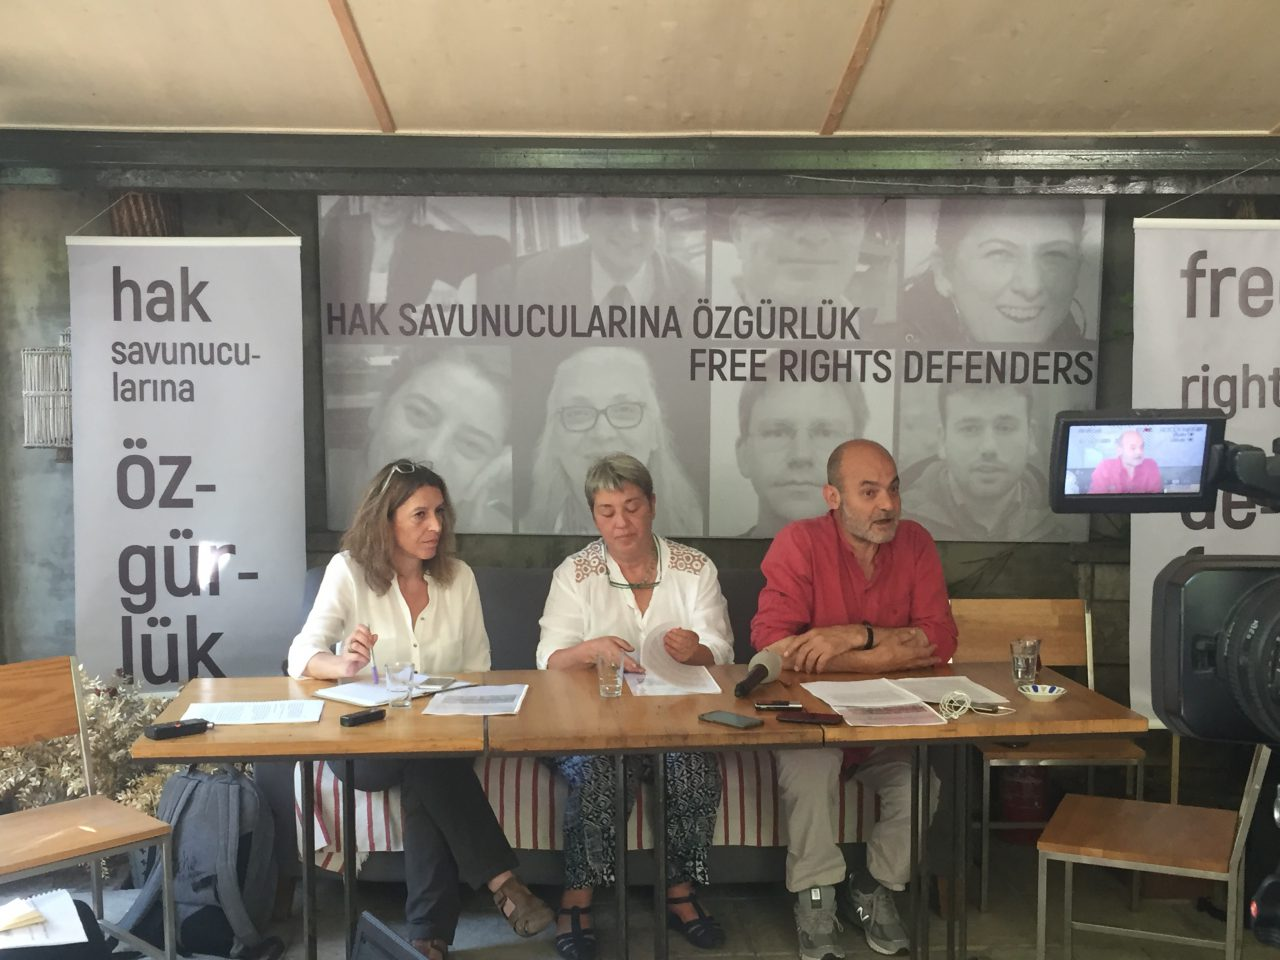 Tutuklu İnsan Hakları Savunucularına Destek Toplantısı